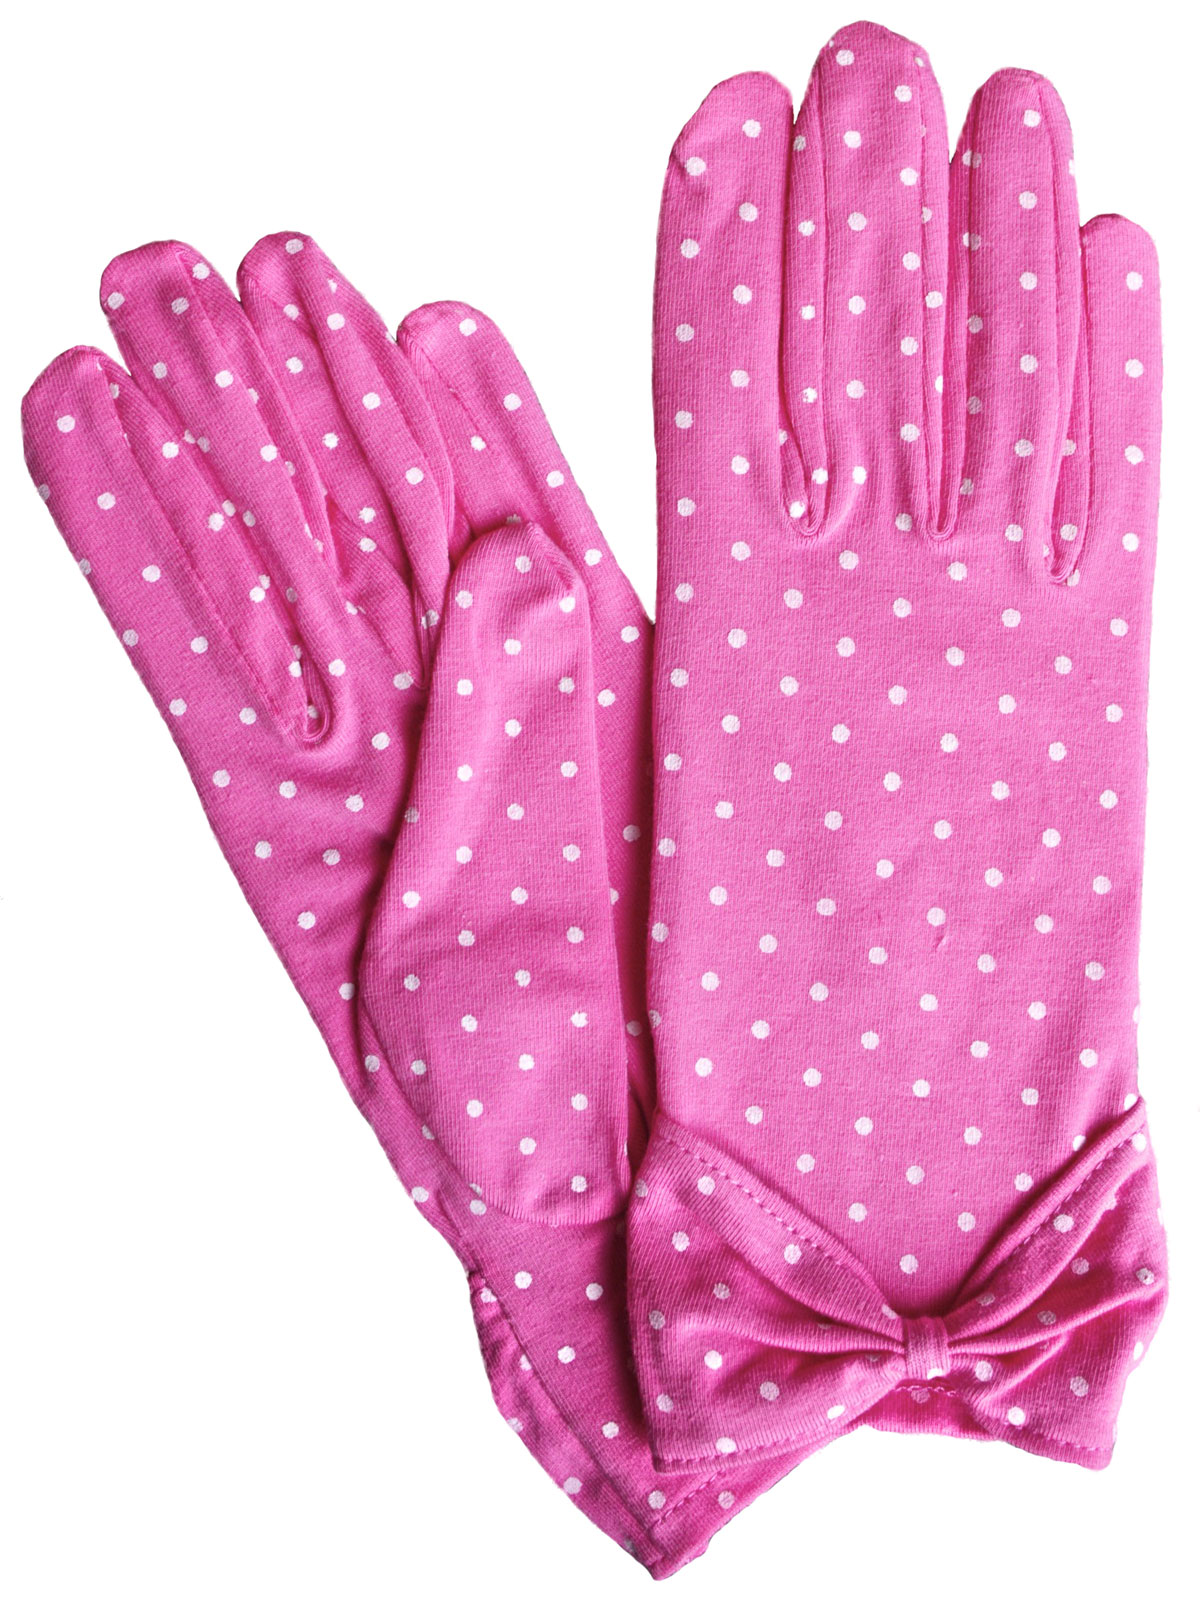 Dents Pink Cotton Polka Dot Vintage Dress Gloves